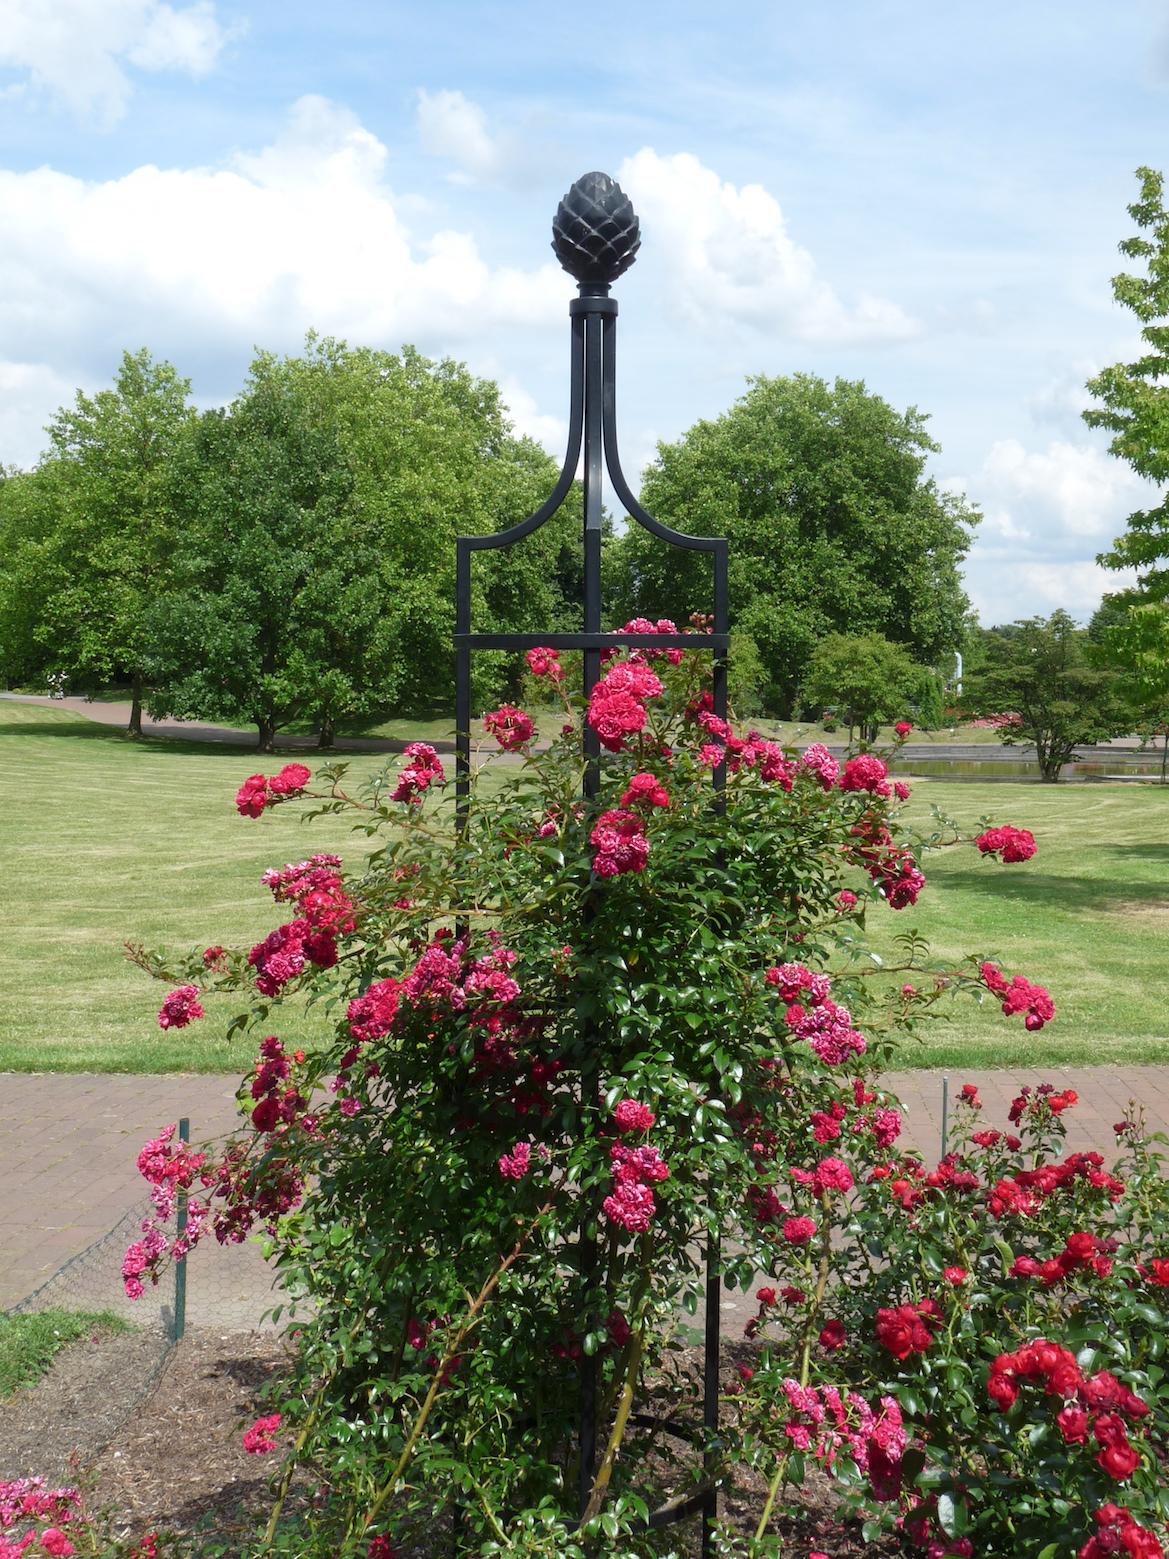 Freistehende Rankhilfe in Schwarz aus Metall mit roten Rosen